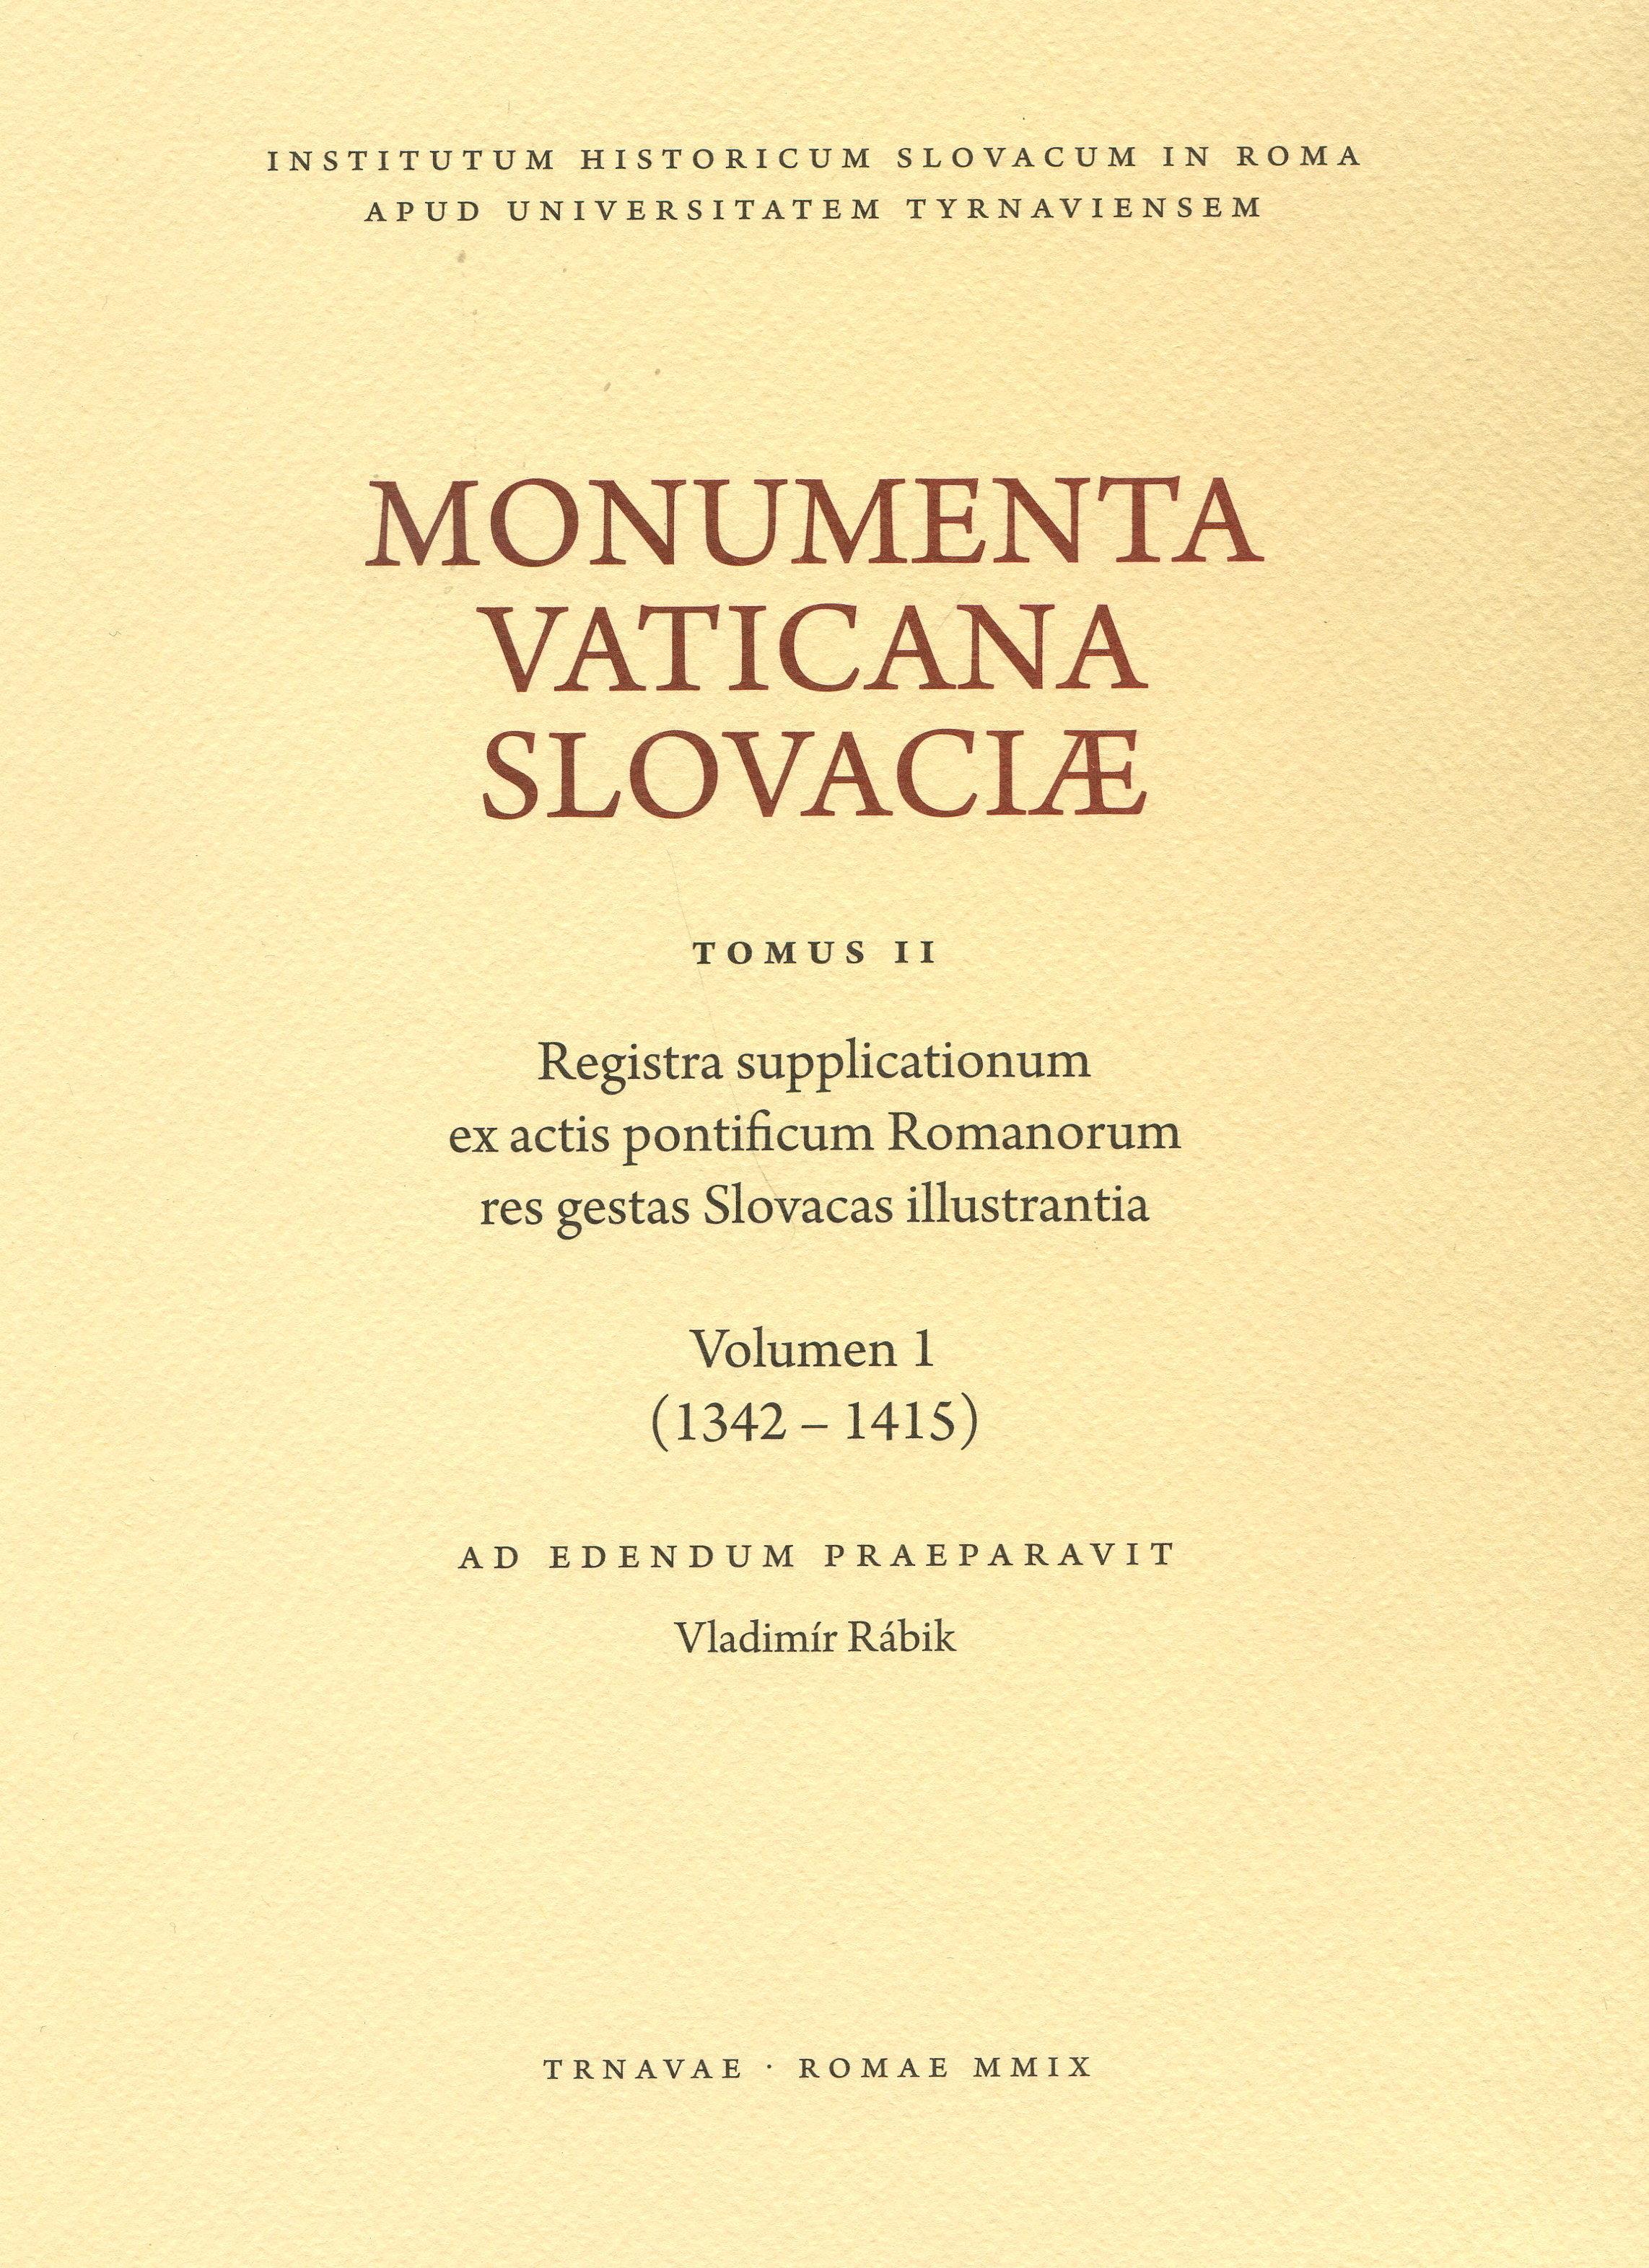 Monumenta Vaticana Slovaciae. Registra supplicationum ex actis pontificum Romanorum res gestas Slova